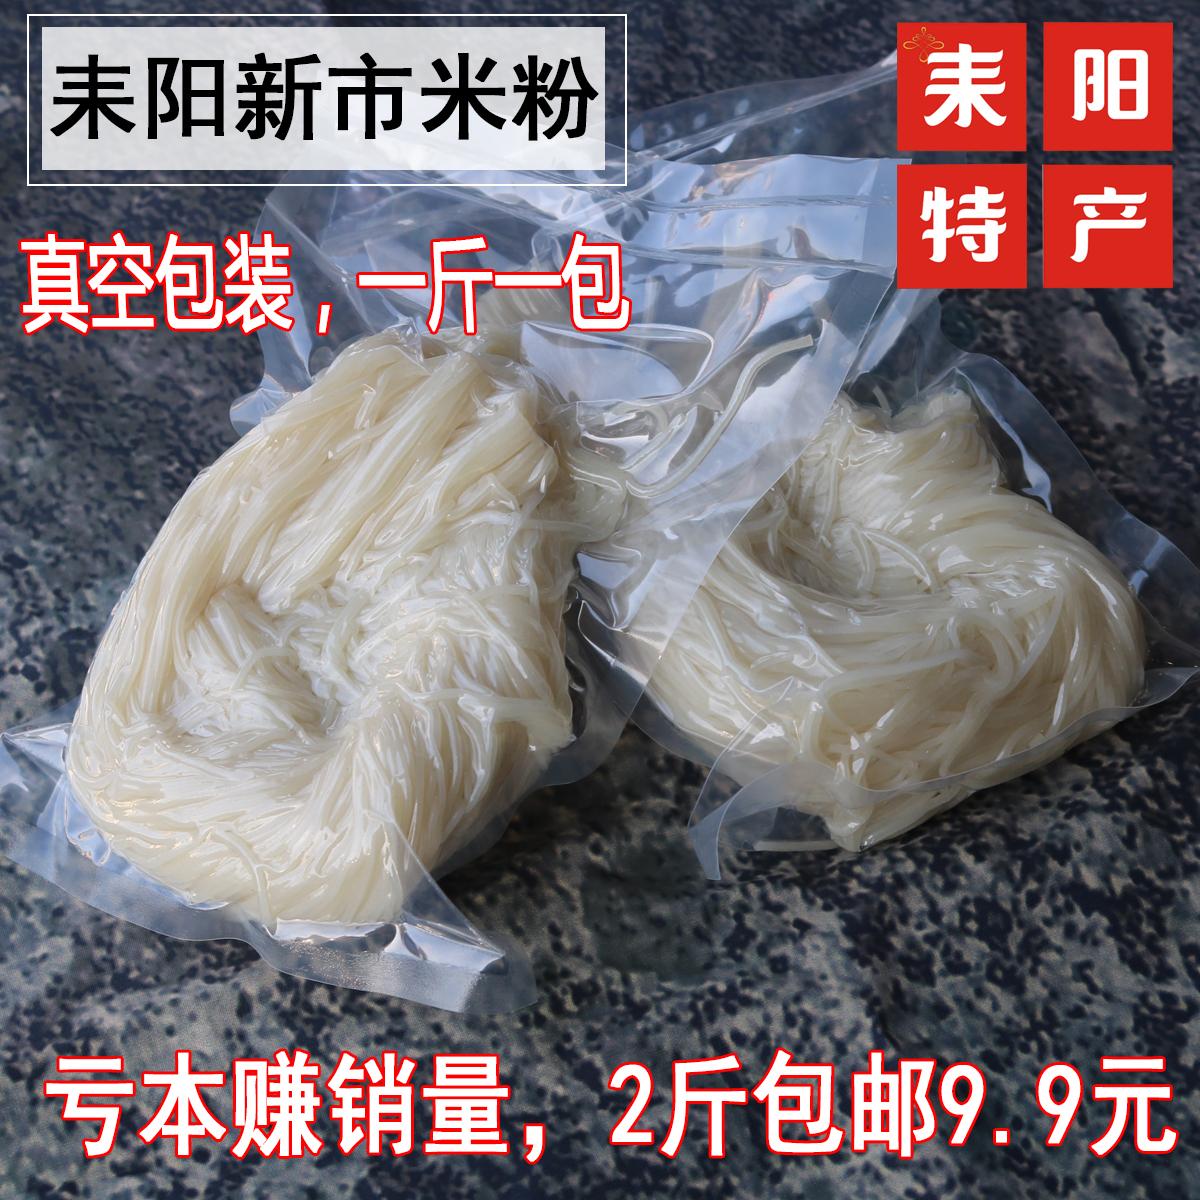 湖南耒阳特产新市米粉 特色早餐食材  真空包装现做现卖1000g